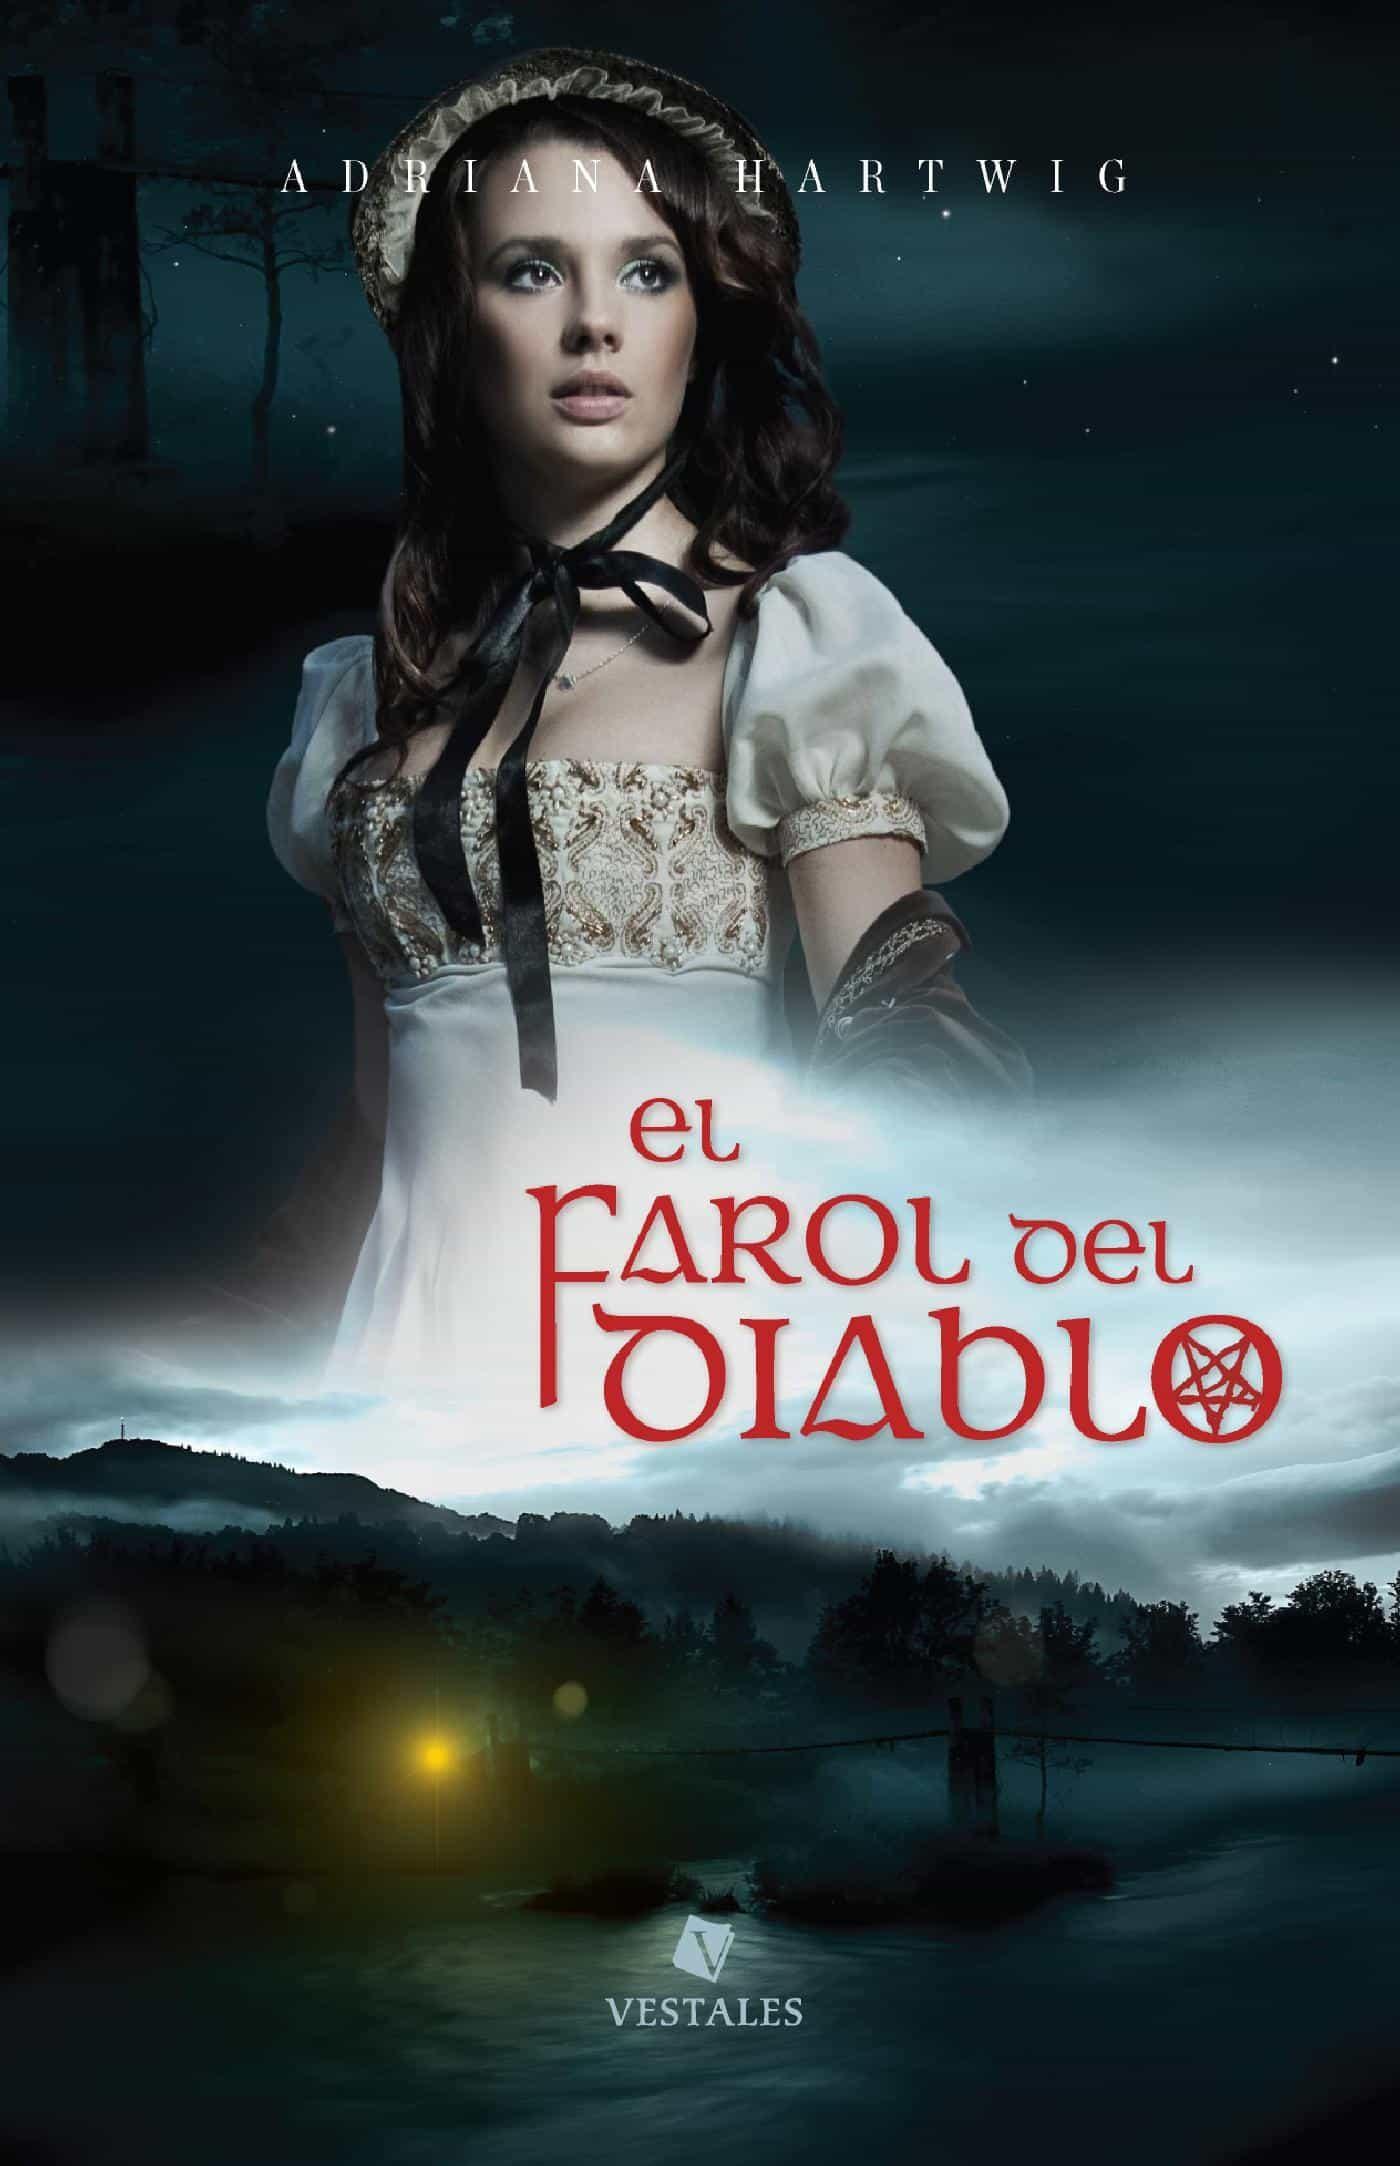 El farol del diablo - Adriana Hartwig (Rom) 9789873863196